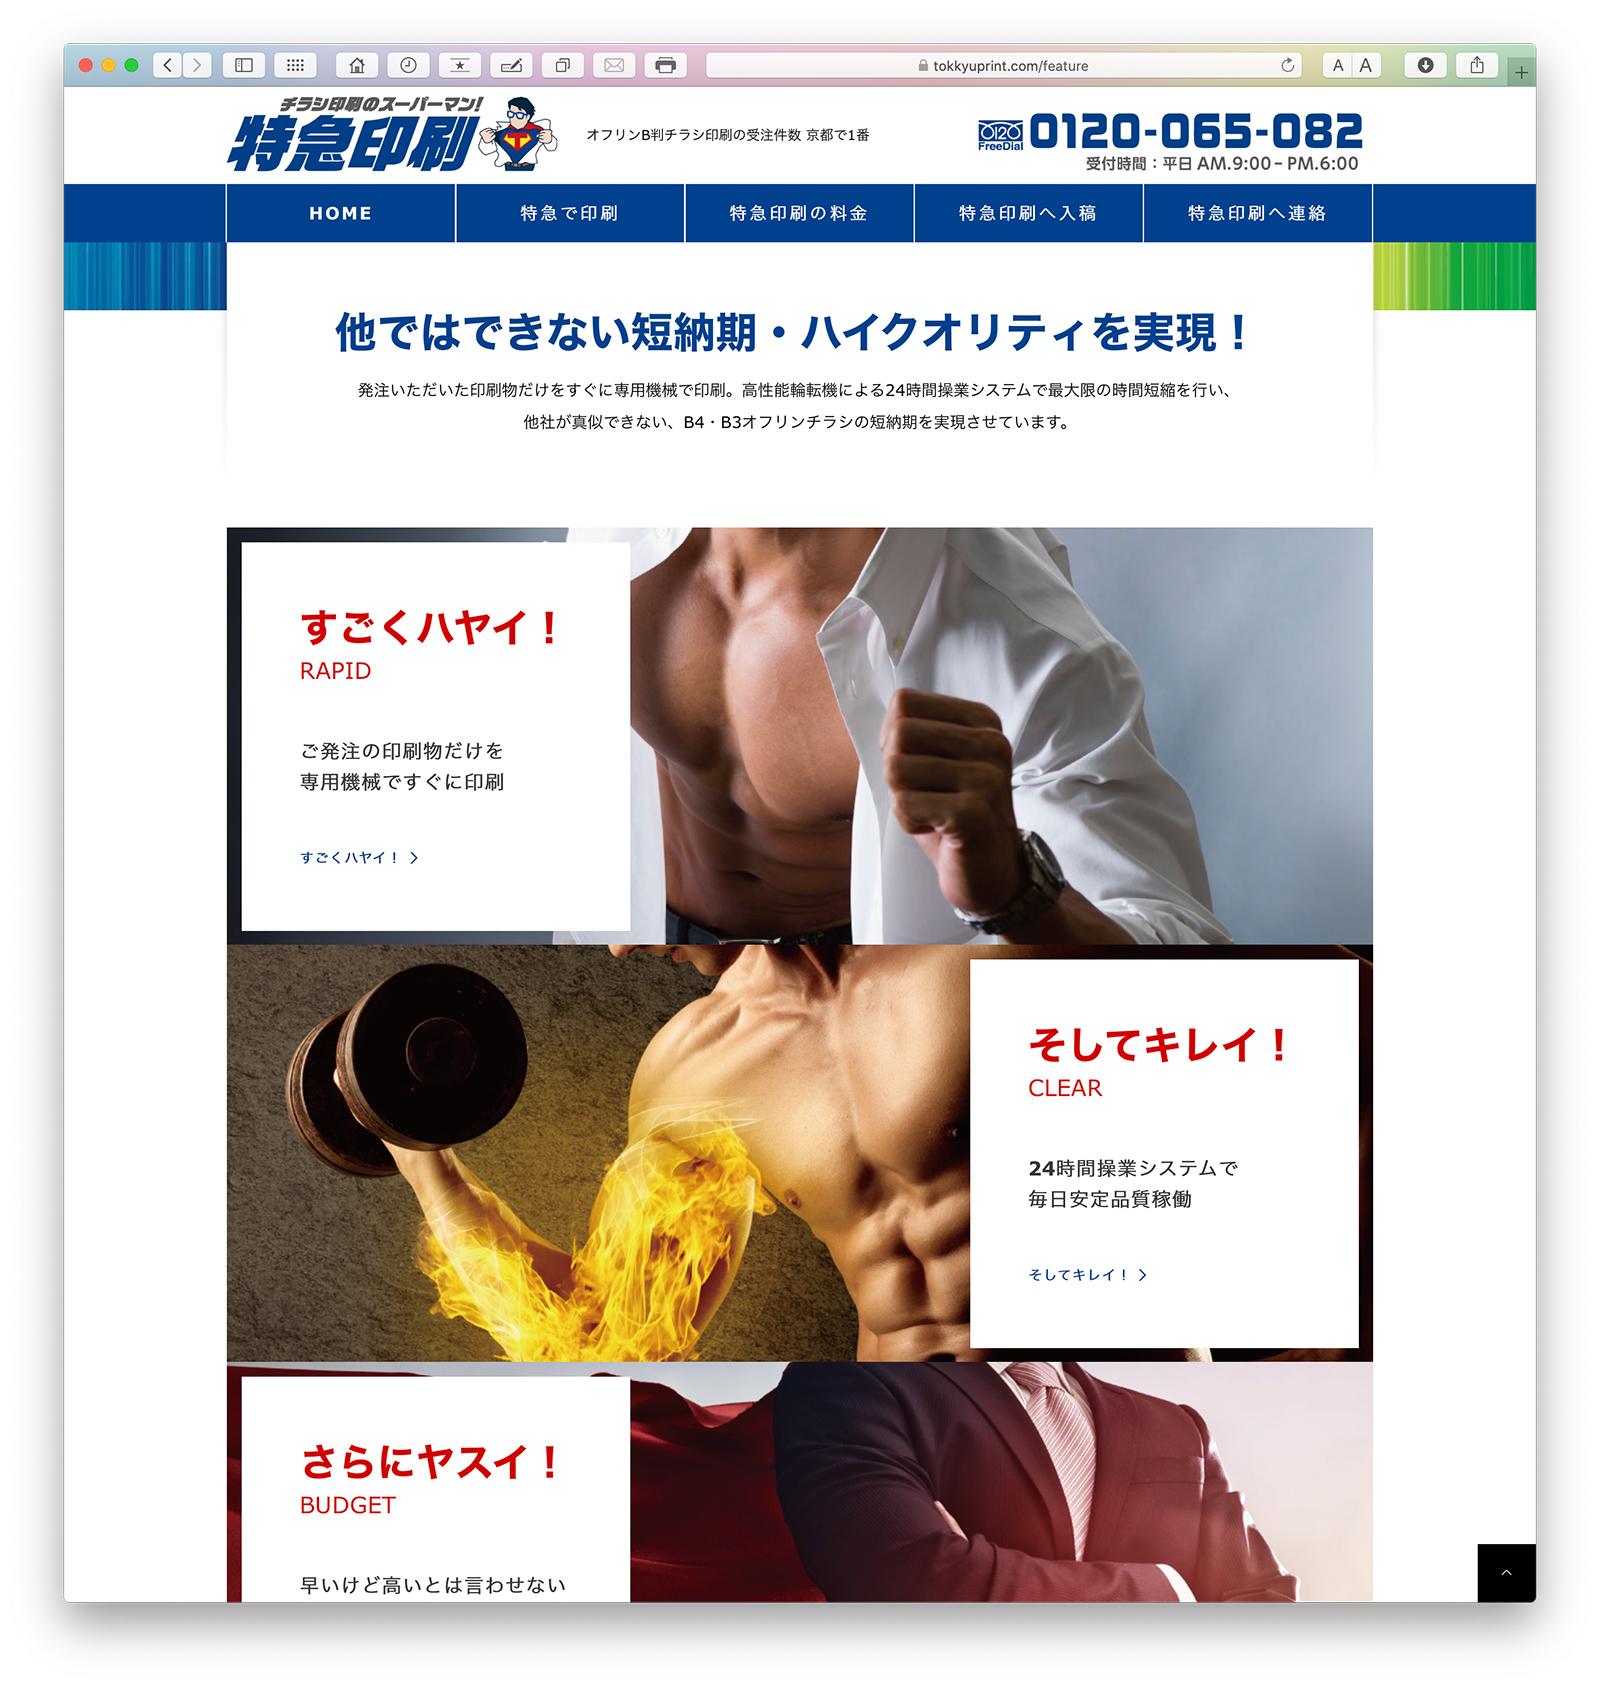 特急印刷のホームページ02